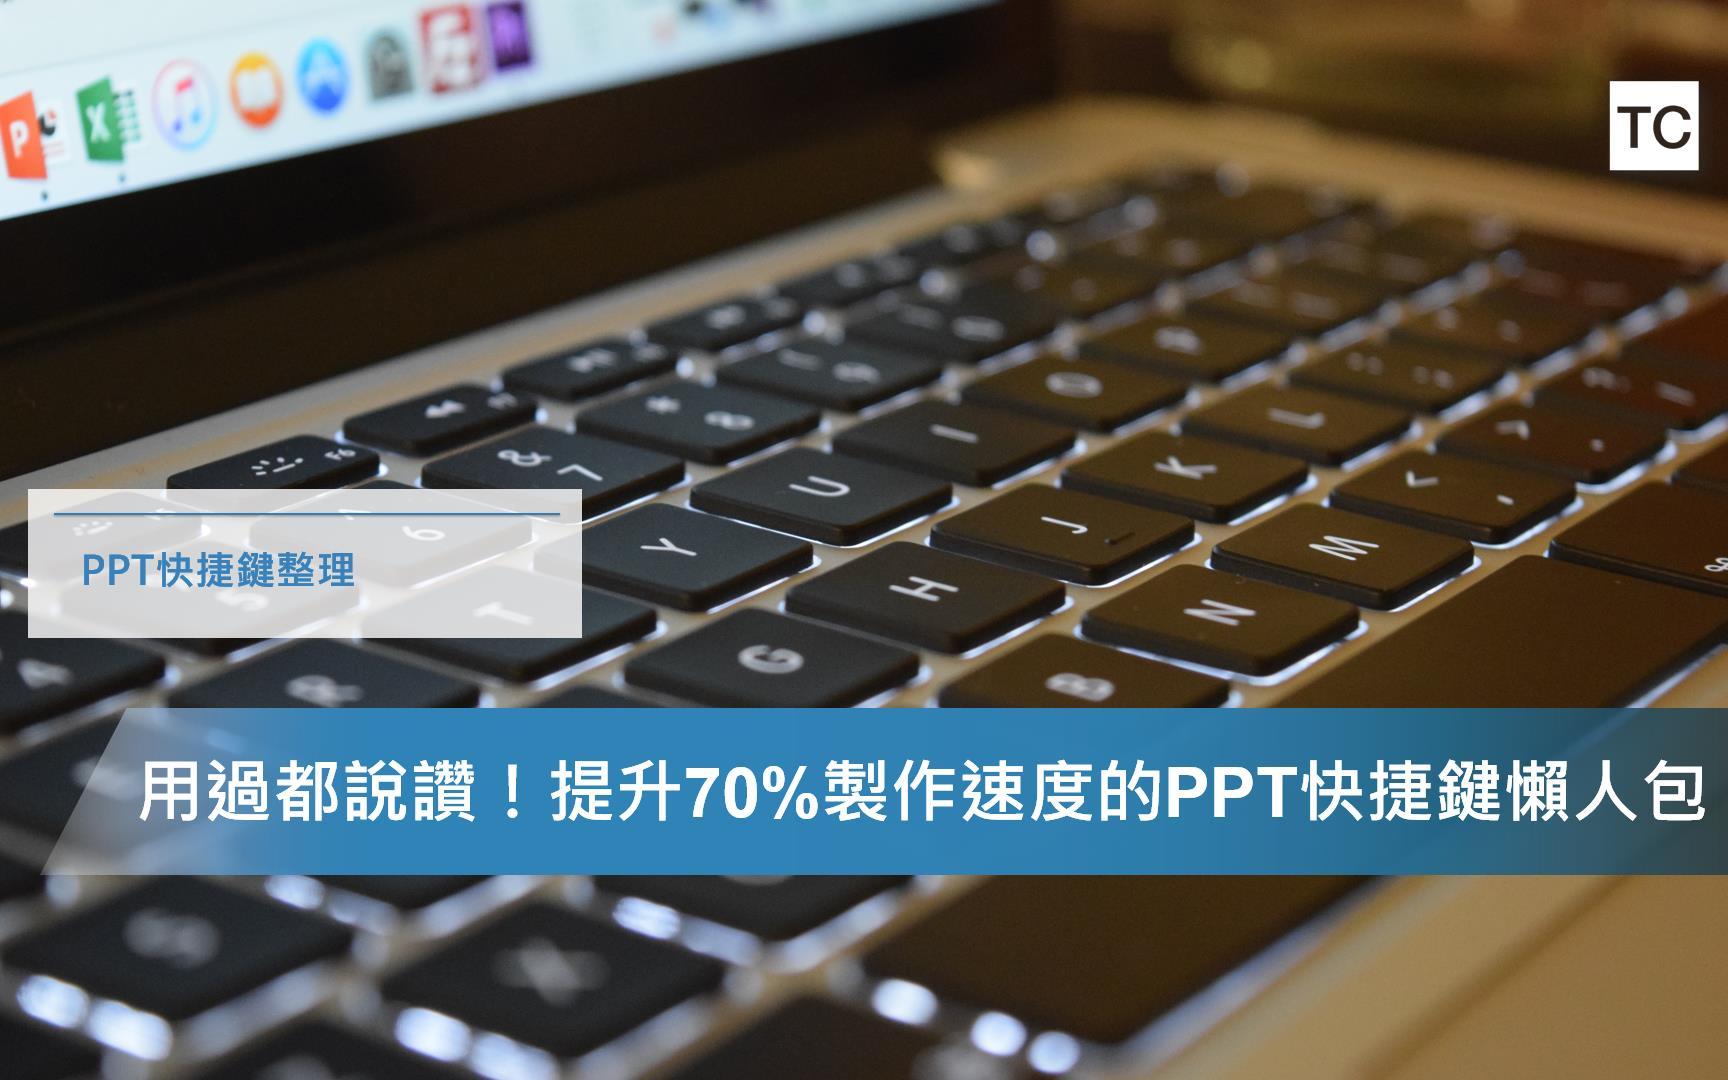 PPT快捷鍵-掌握Ctrl/Alt/Shift快捷三劍客,有效提升70%製作速度